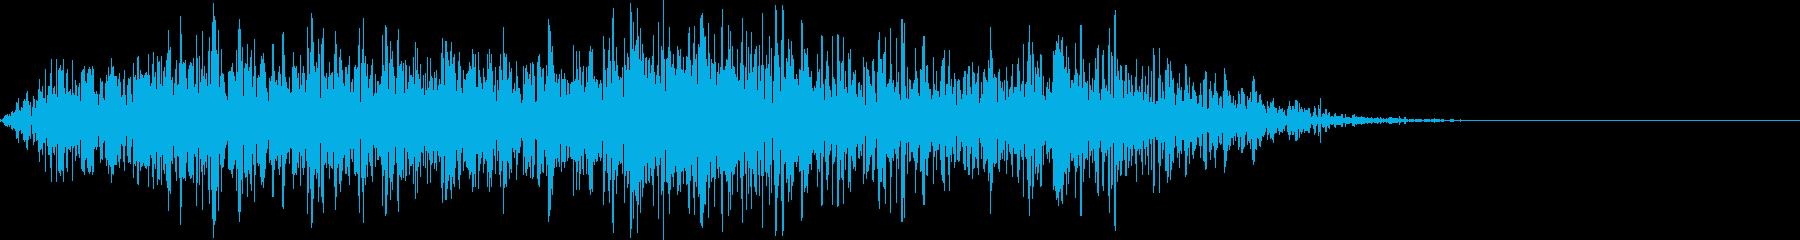 ライオンの鳴き声(グオーッ)の再生済みの波形